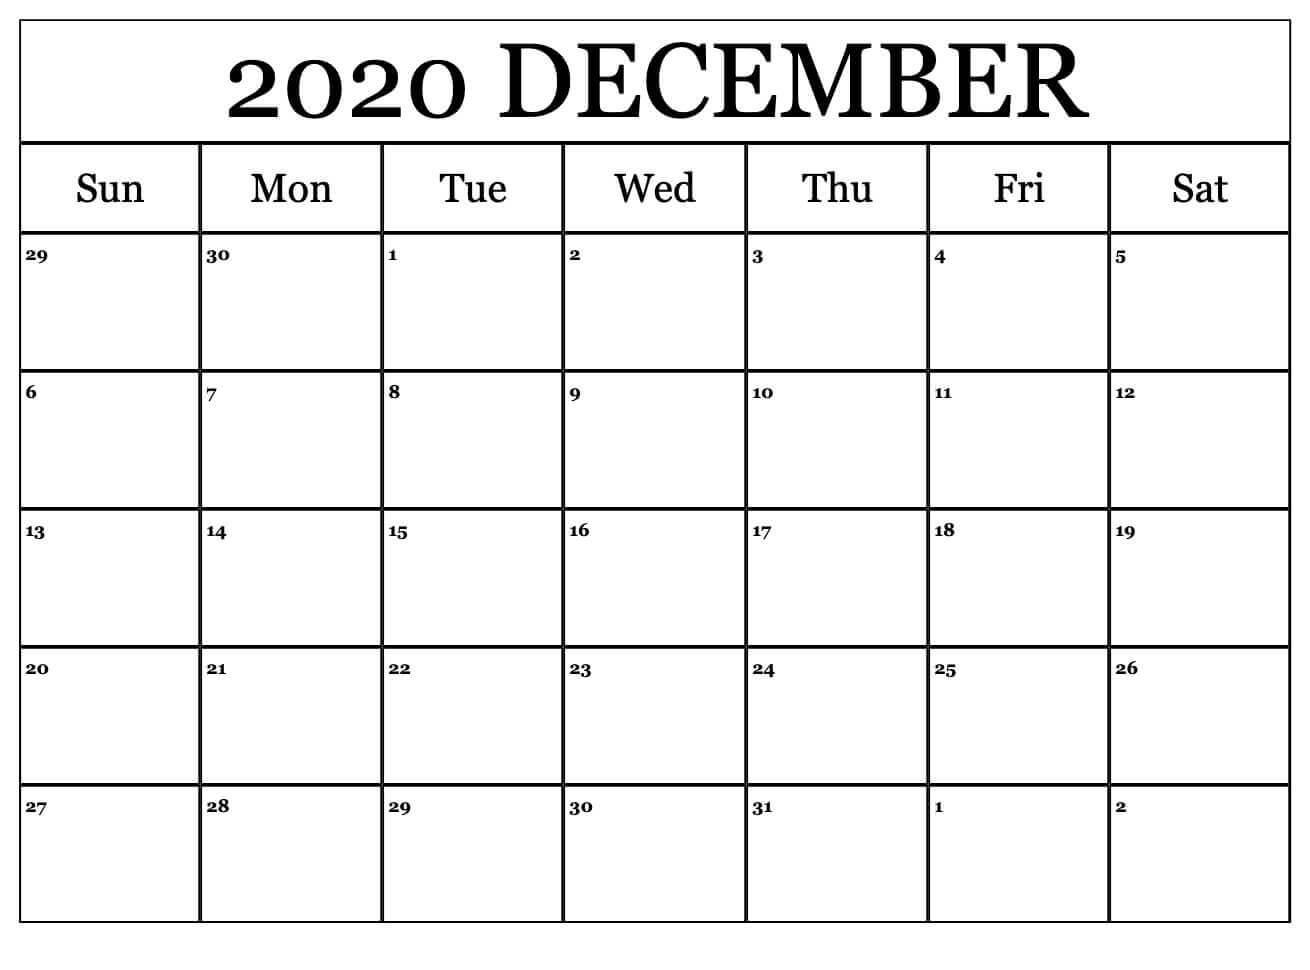 2020 December Calendar Editable